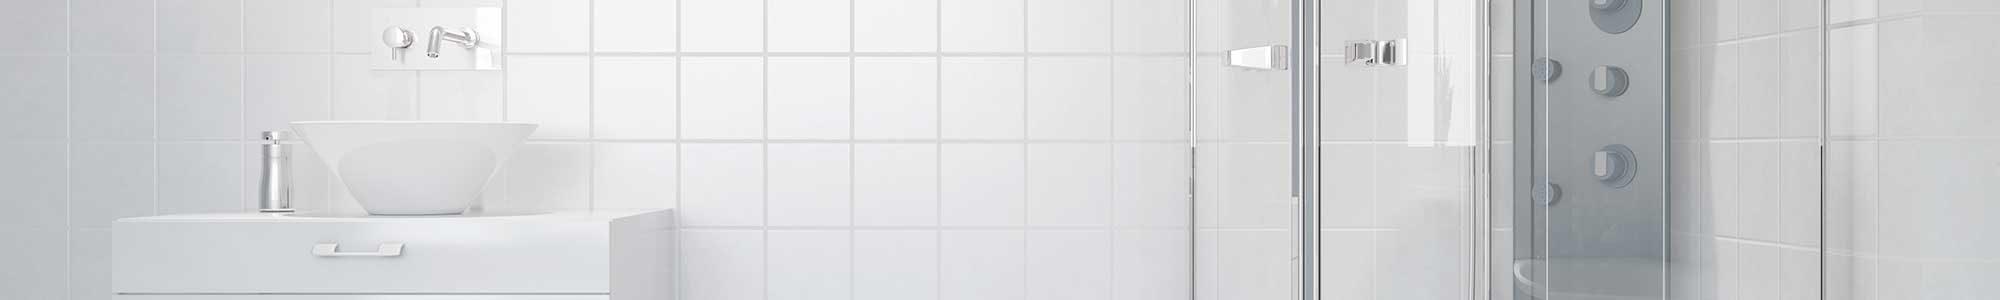 badkamer renoveren kosten per m2